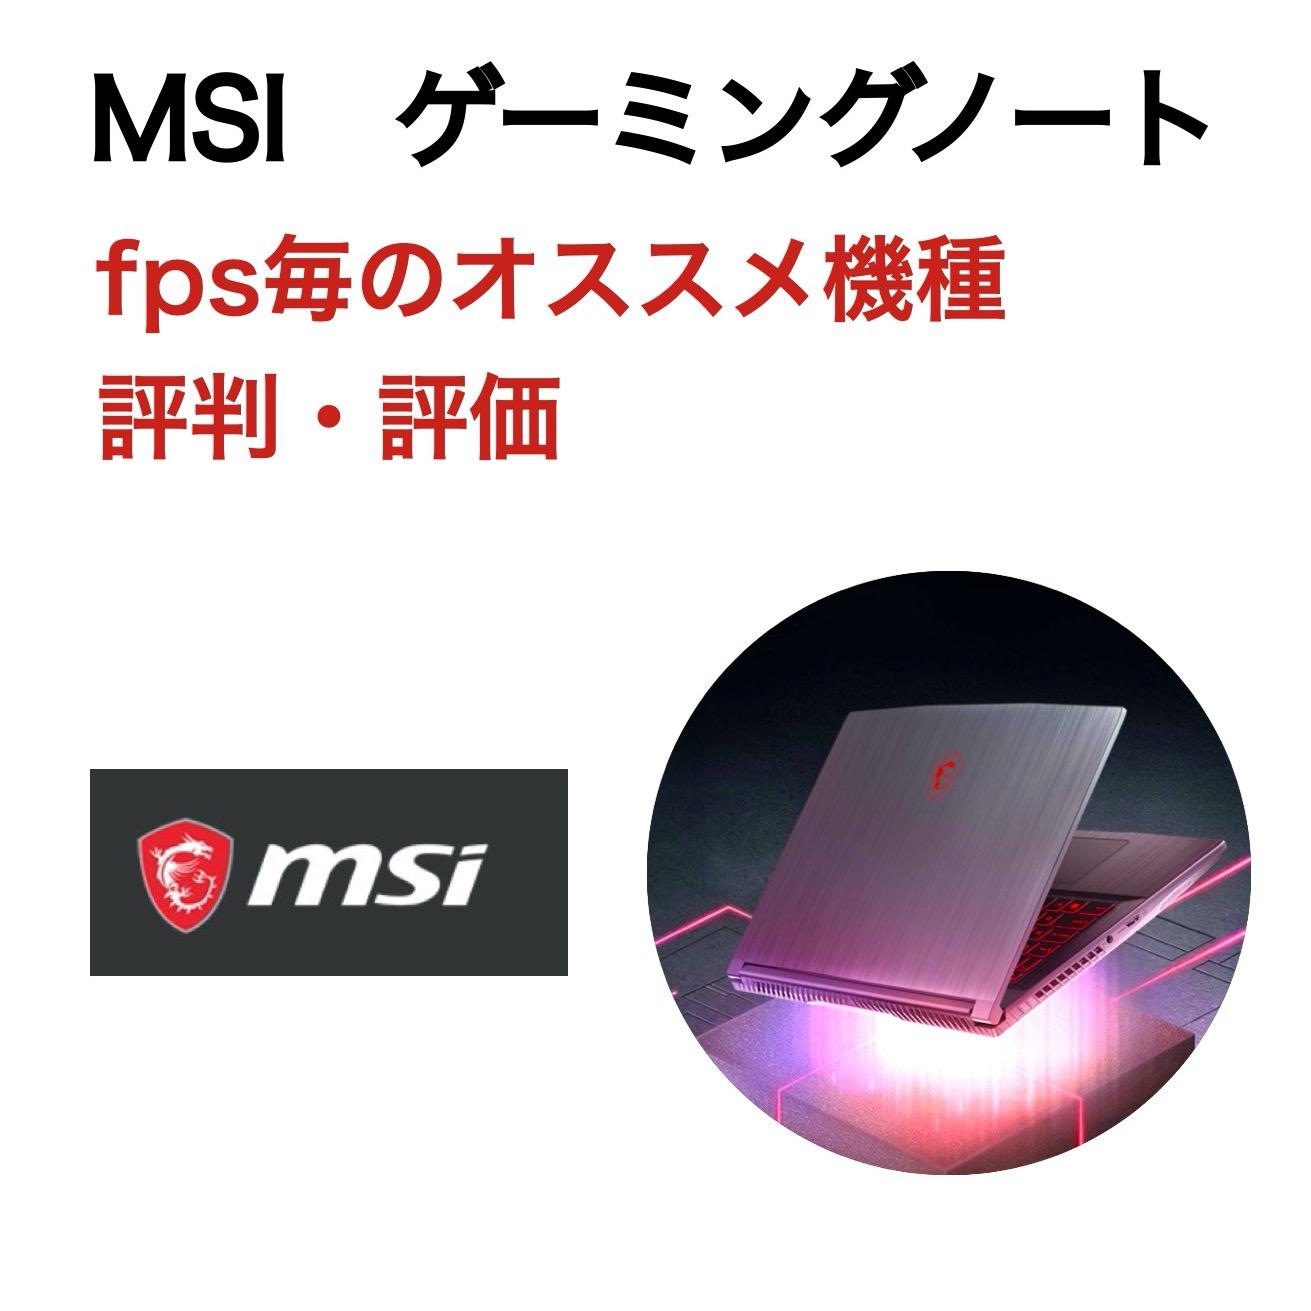 【フォートナイトPC移行】MSIの評判とfps毎のおすすめ機種